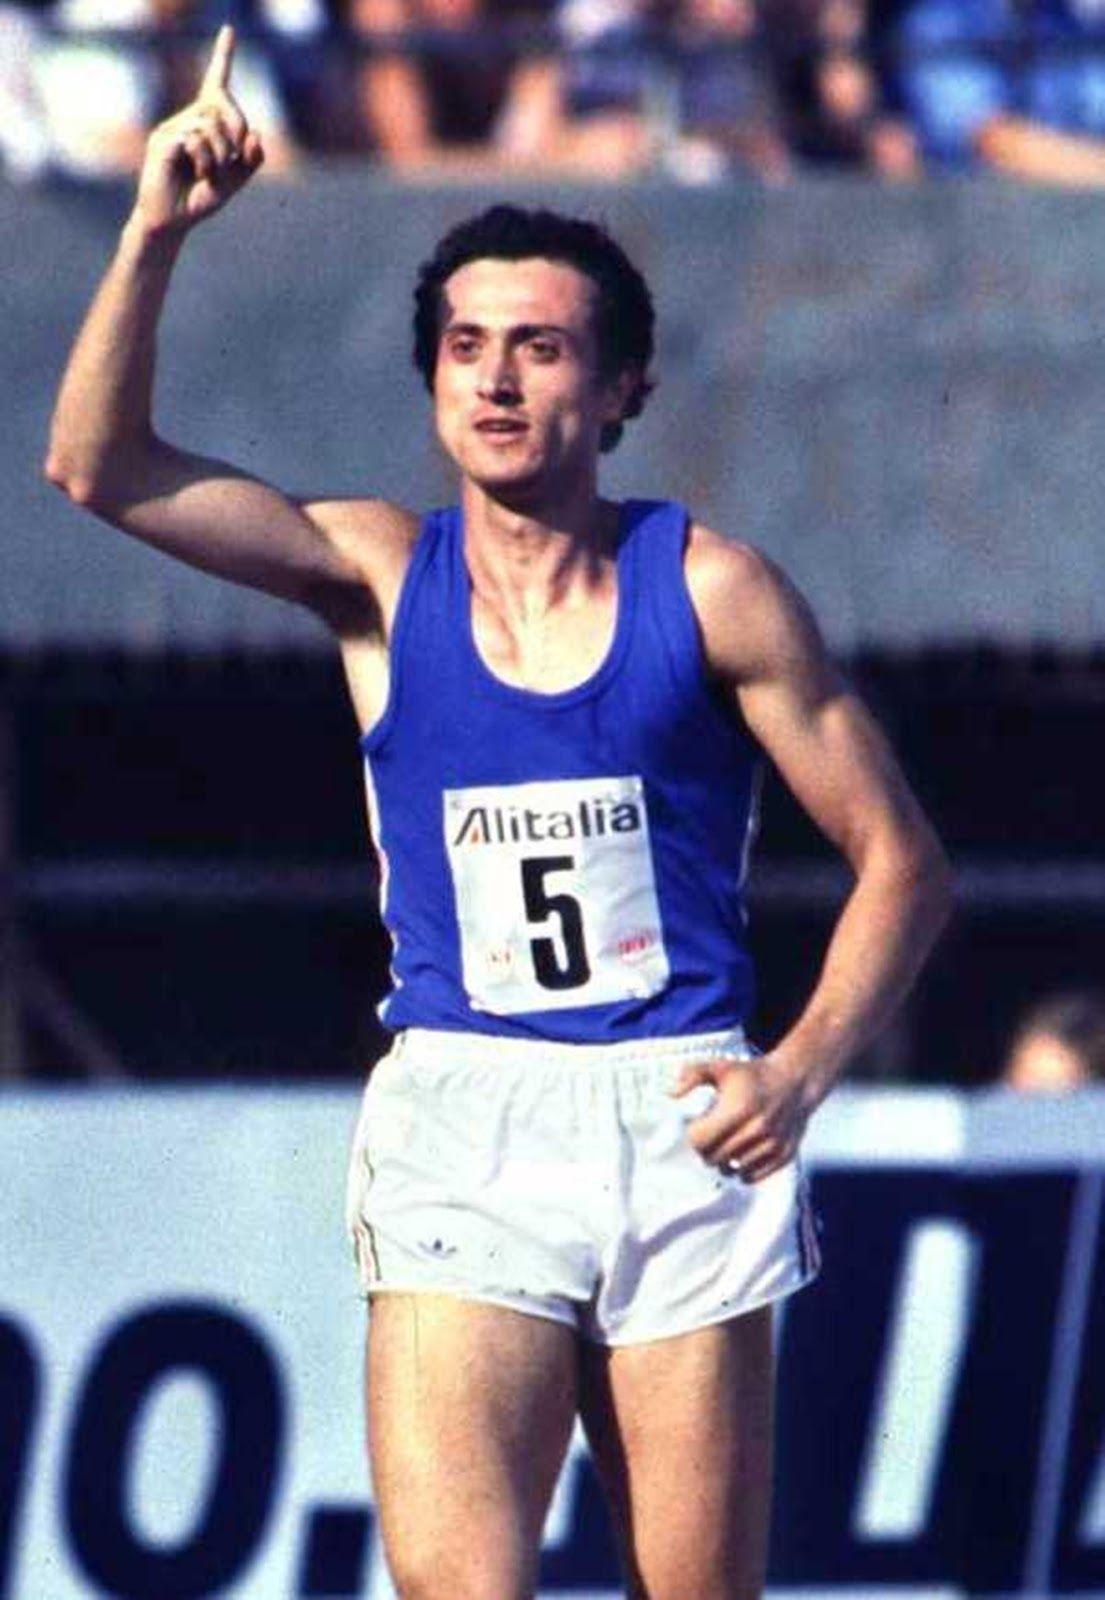 Oggi Pietro Mennea avrebbe compiuto 62 anni! Auguri Pietro! Lo sport secondo Grimaus: Leggende dello sport, Pietro Mennea